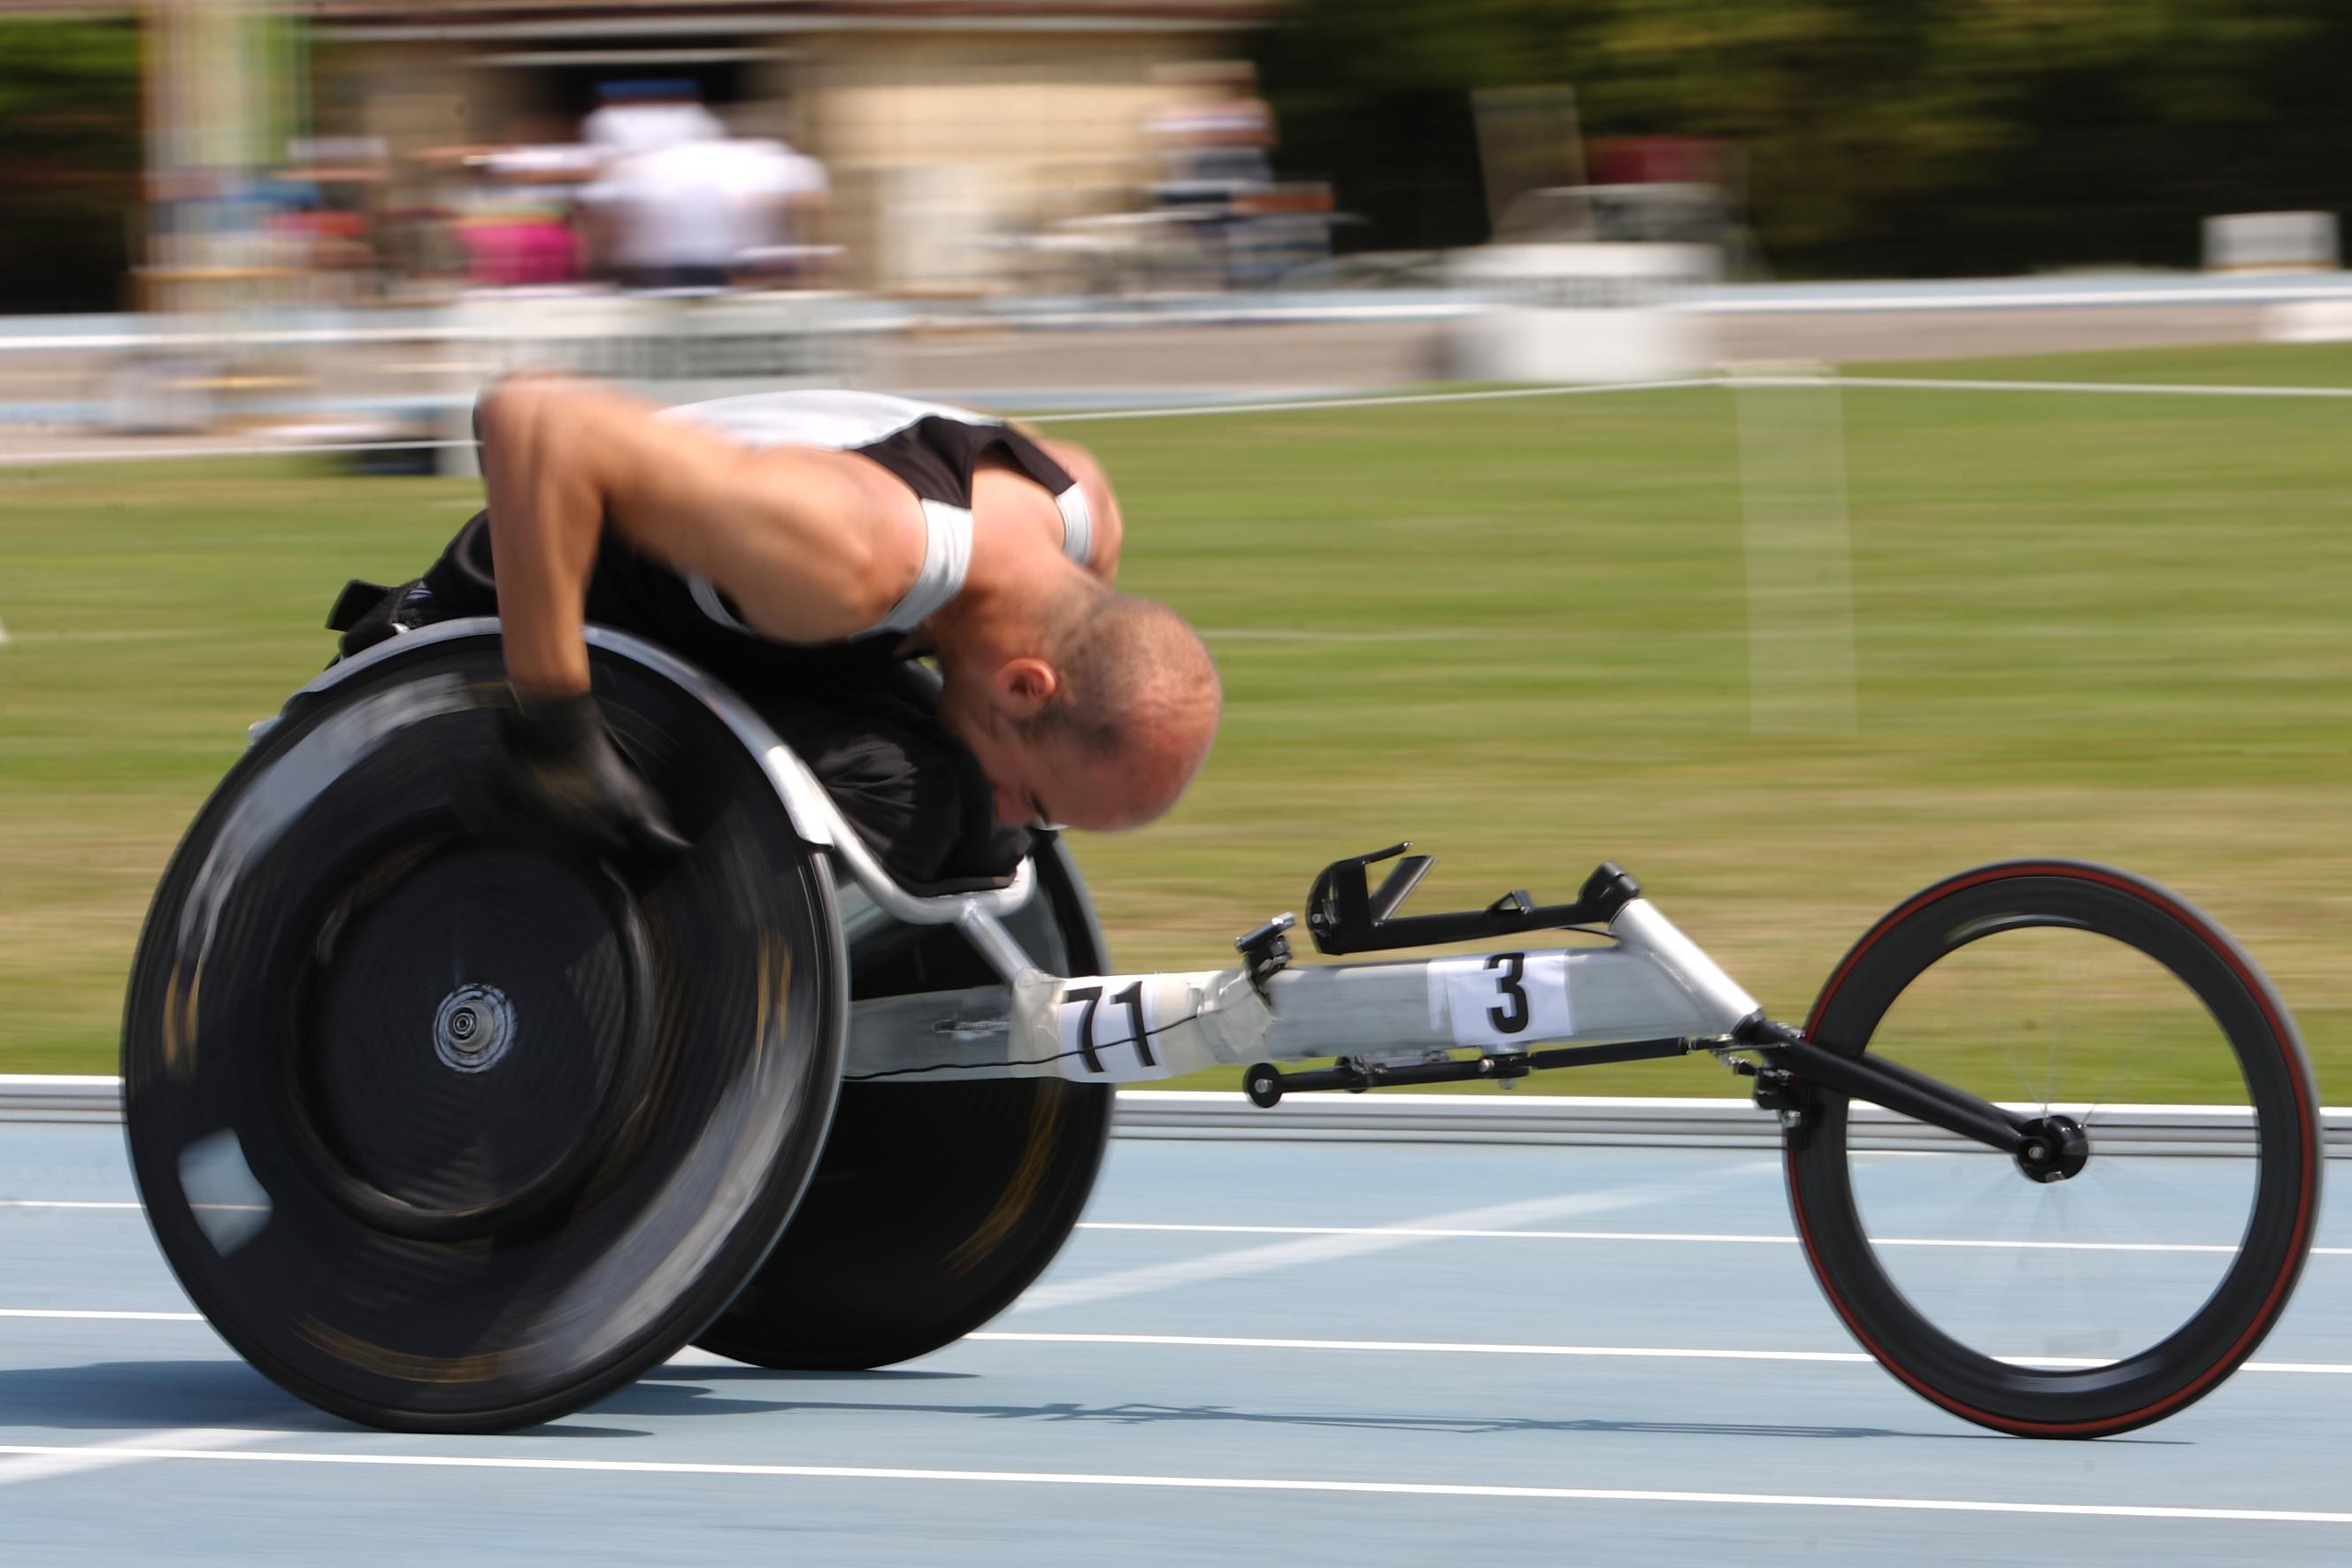 Rob wheelchair racing